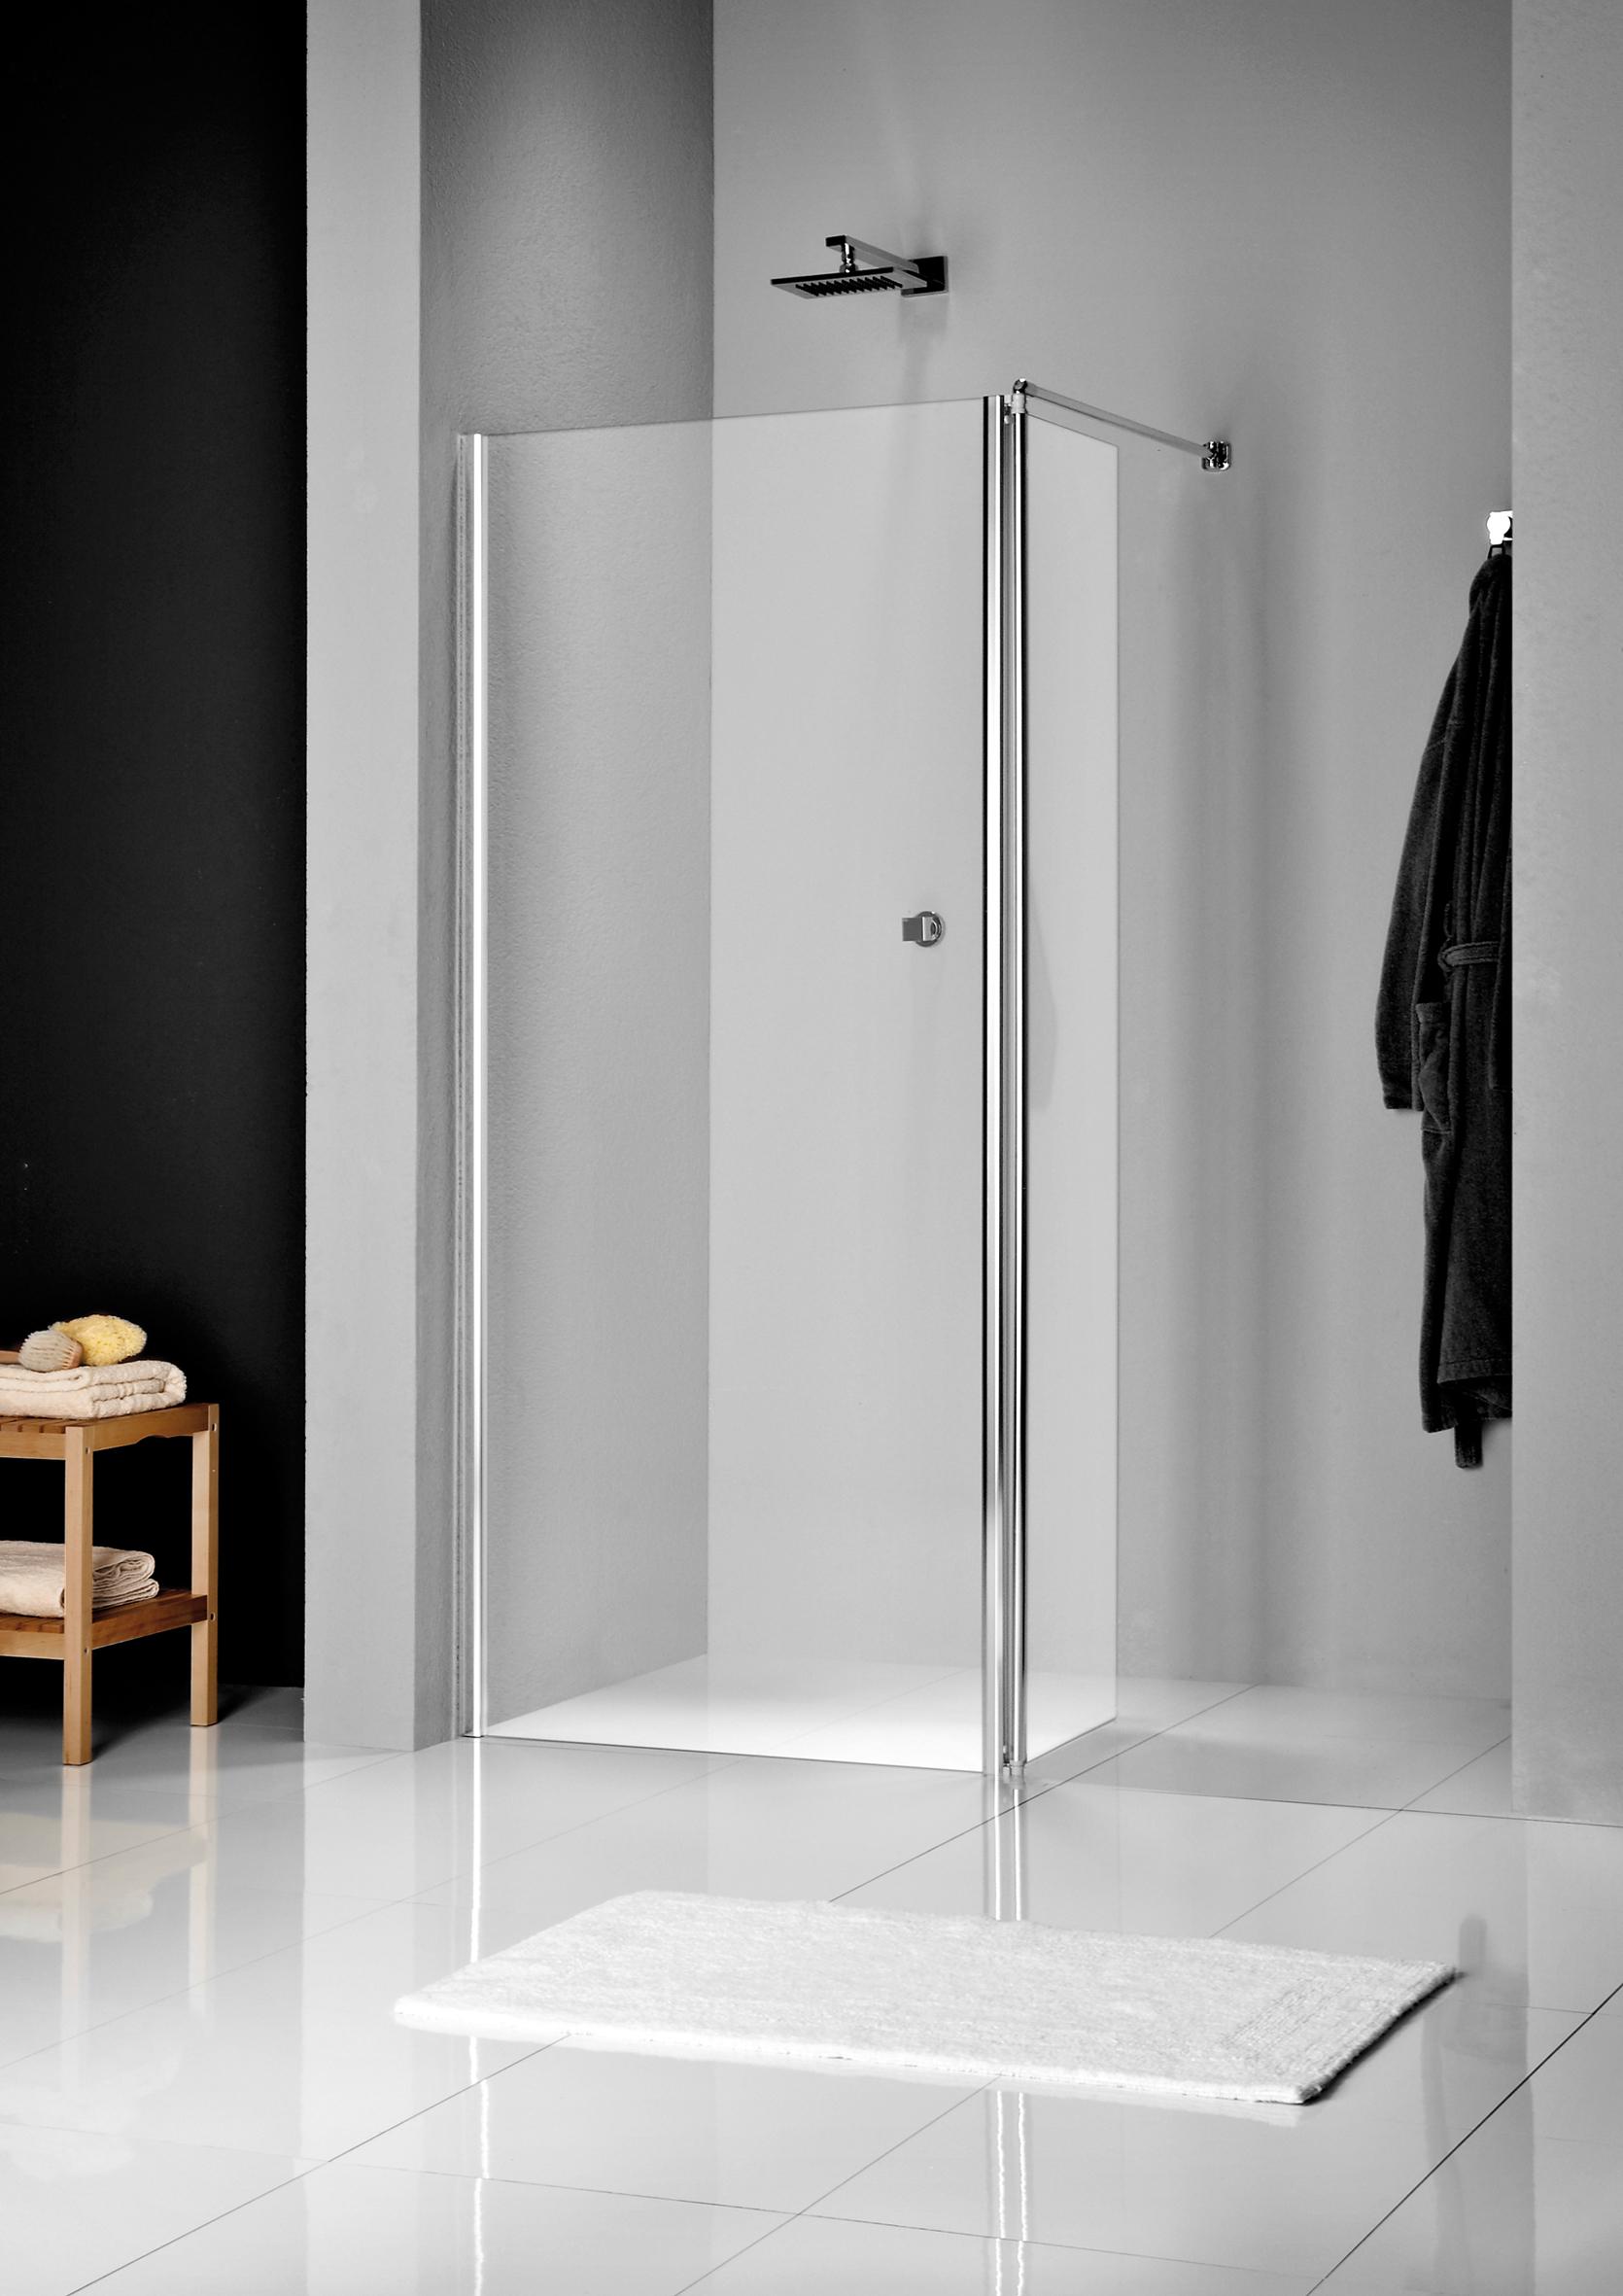 Sealskin Get Wet W205 inloop type a1 120x200cm mat zilver profiel en chinchilla glas voorzien van an